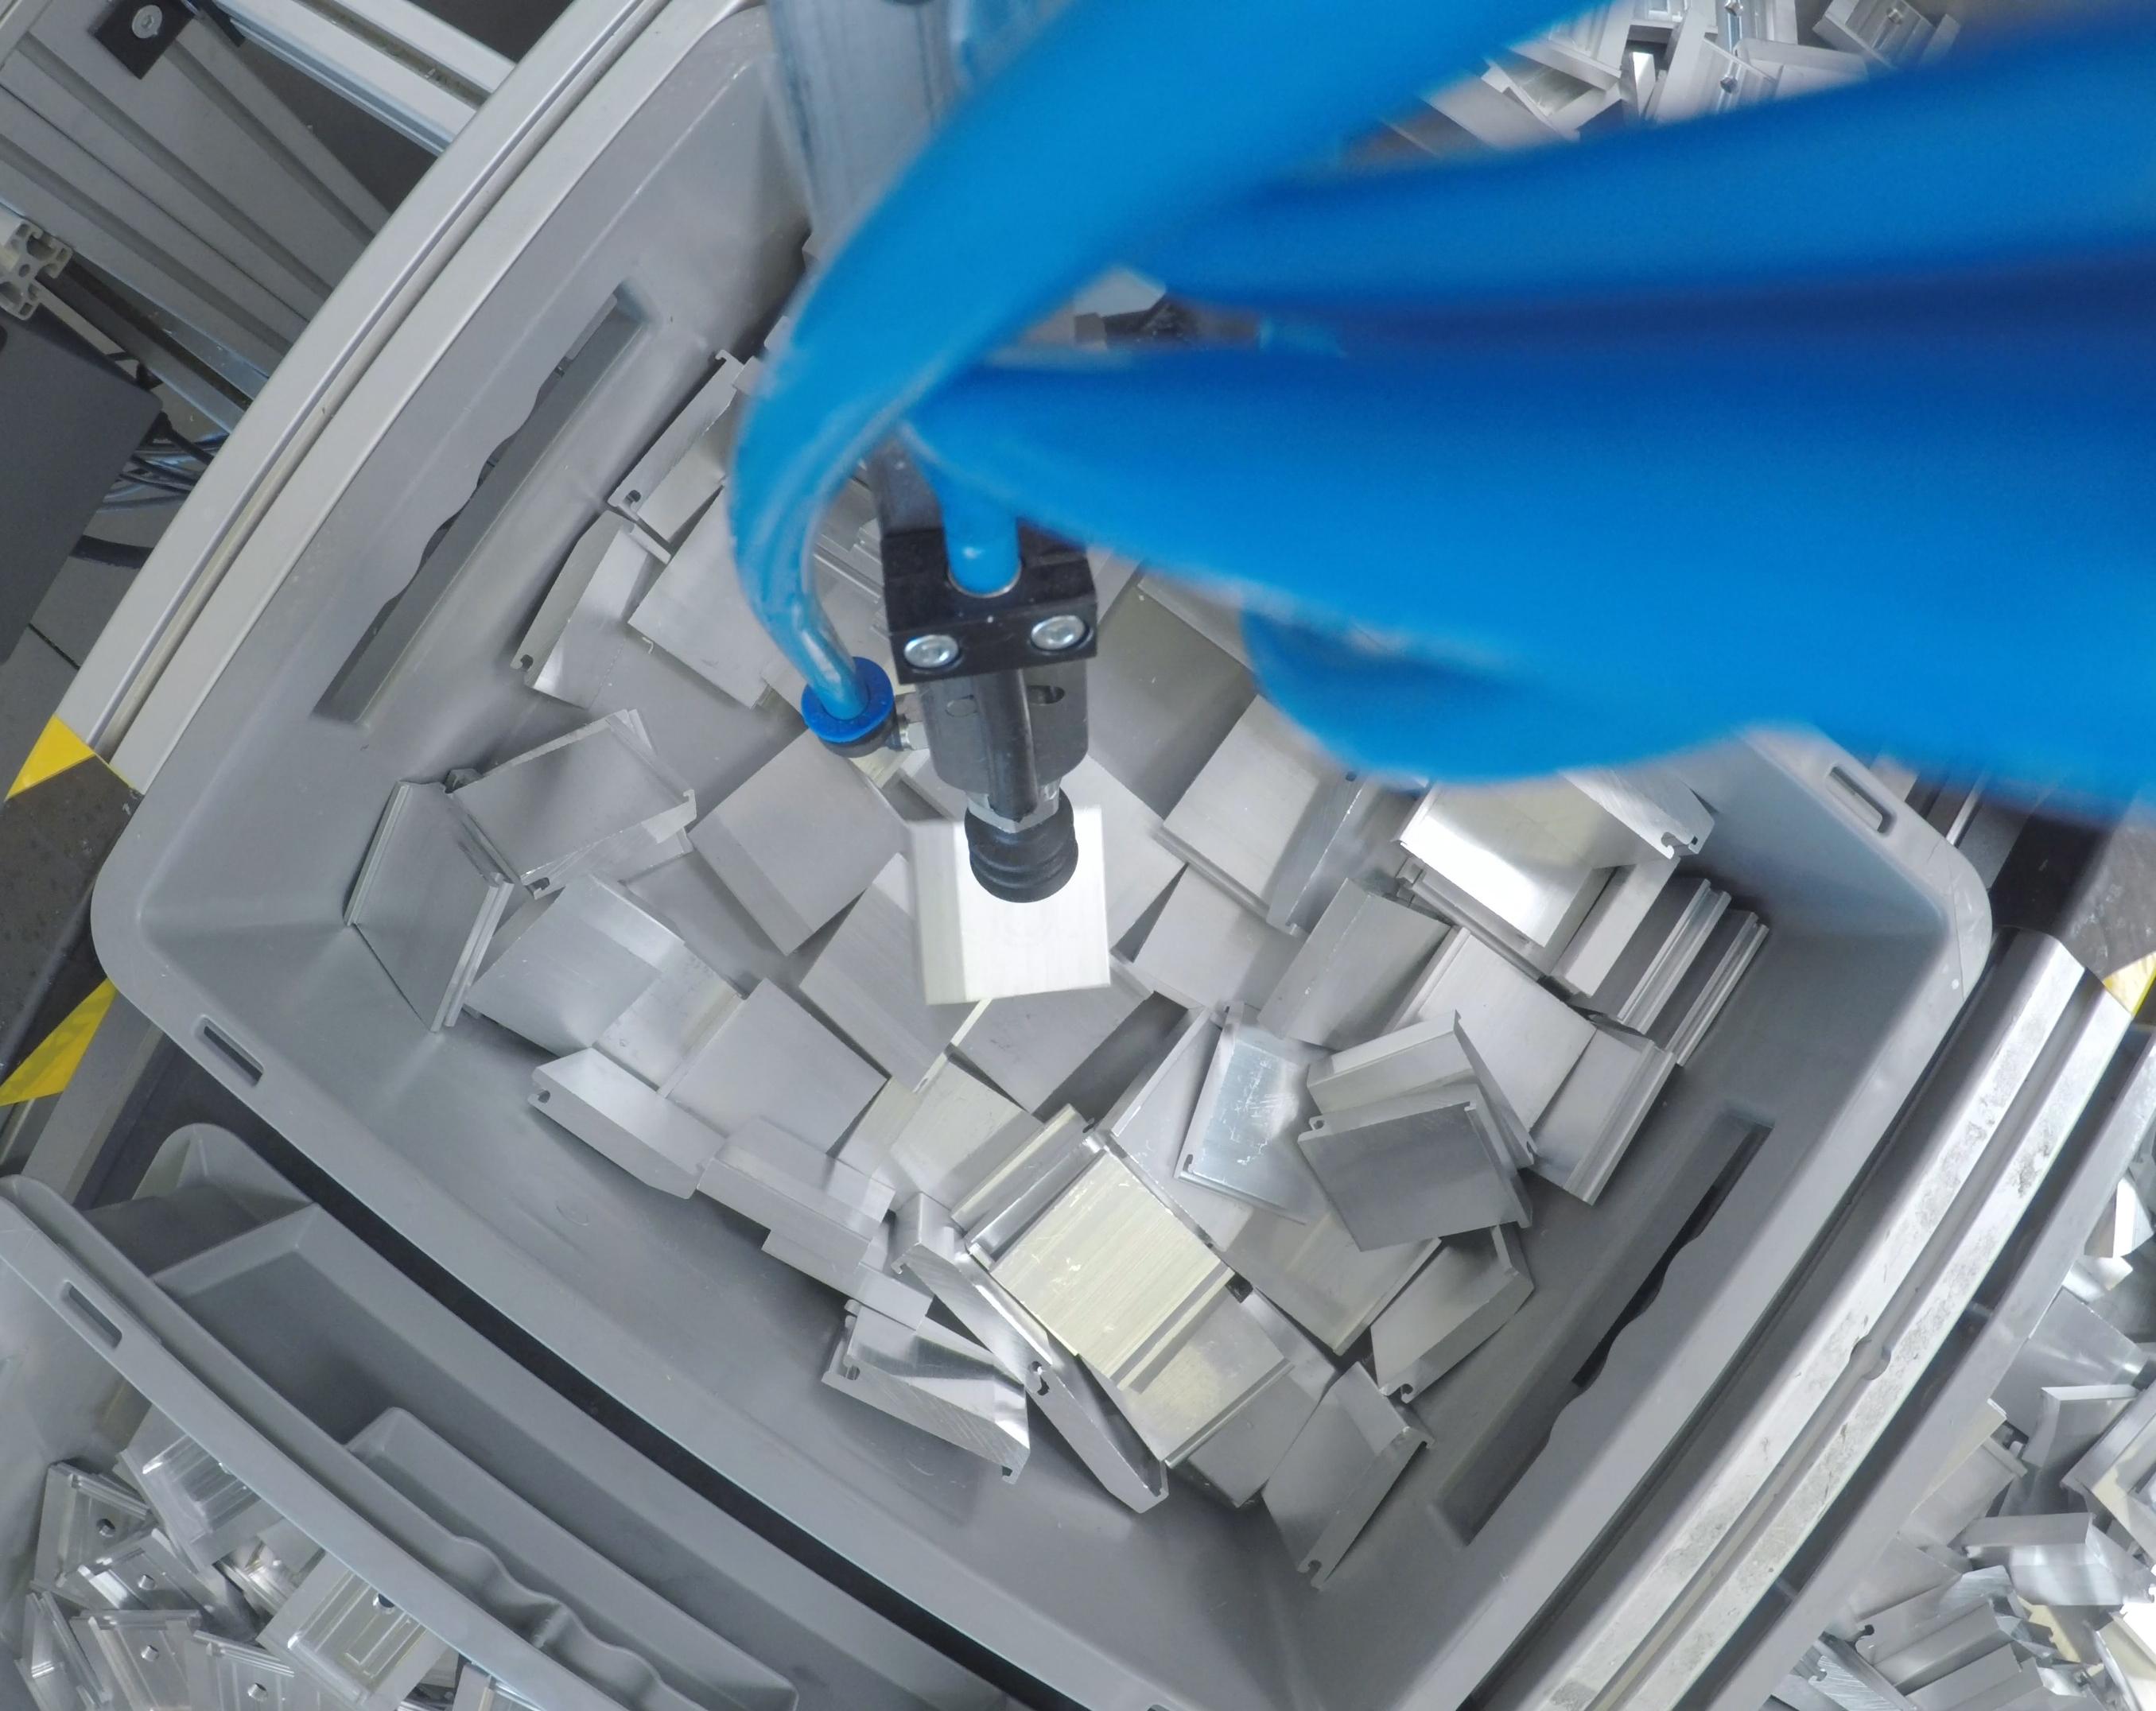 Das 3D-Kamerasystem befähigt den Cobot zum Sehen. So weiß er, wie er die Teile aus der Kiste entnehmen muss. (Bild: Universal Robots (Germany) GmbH)